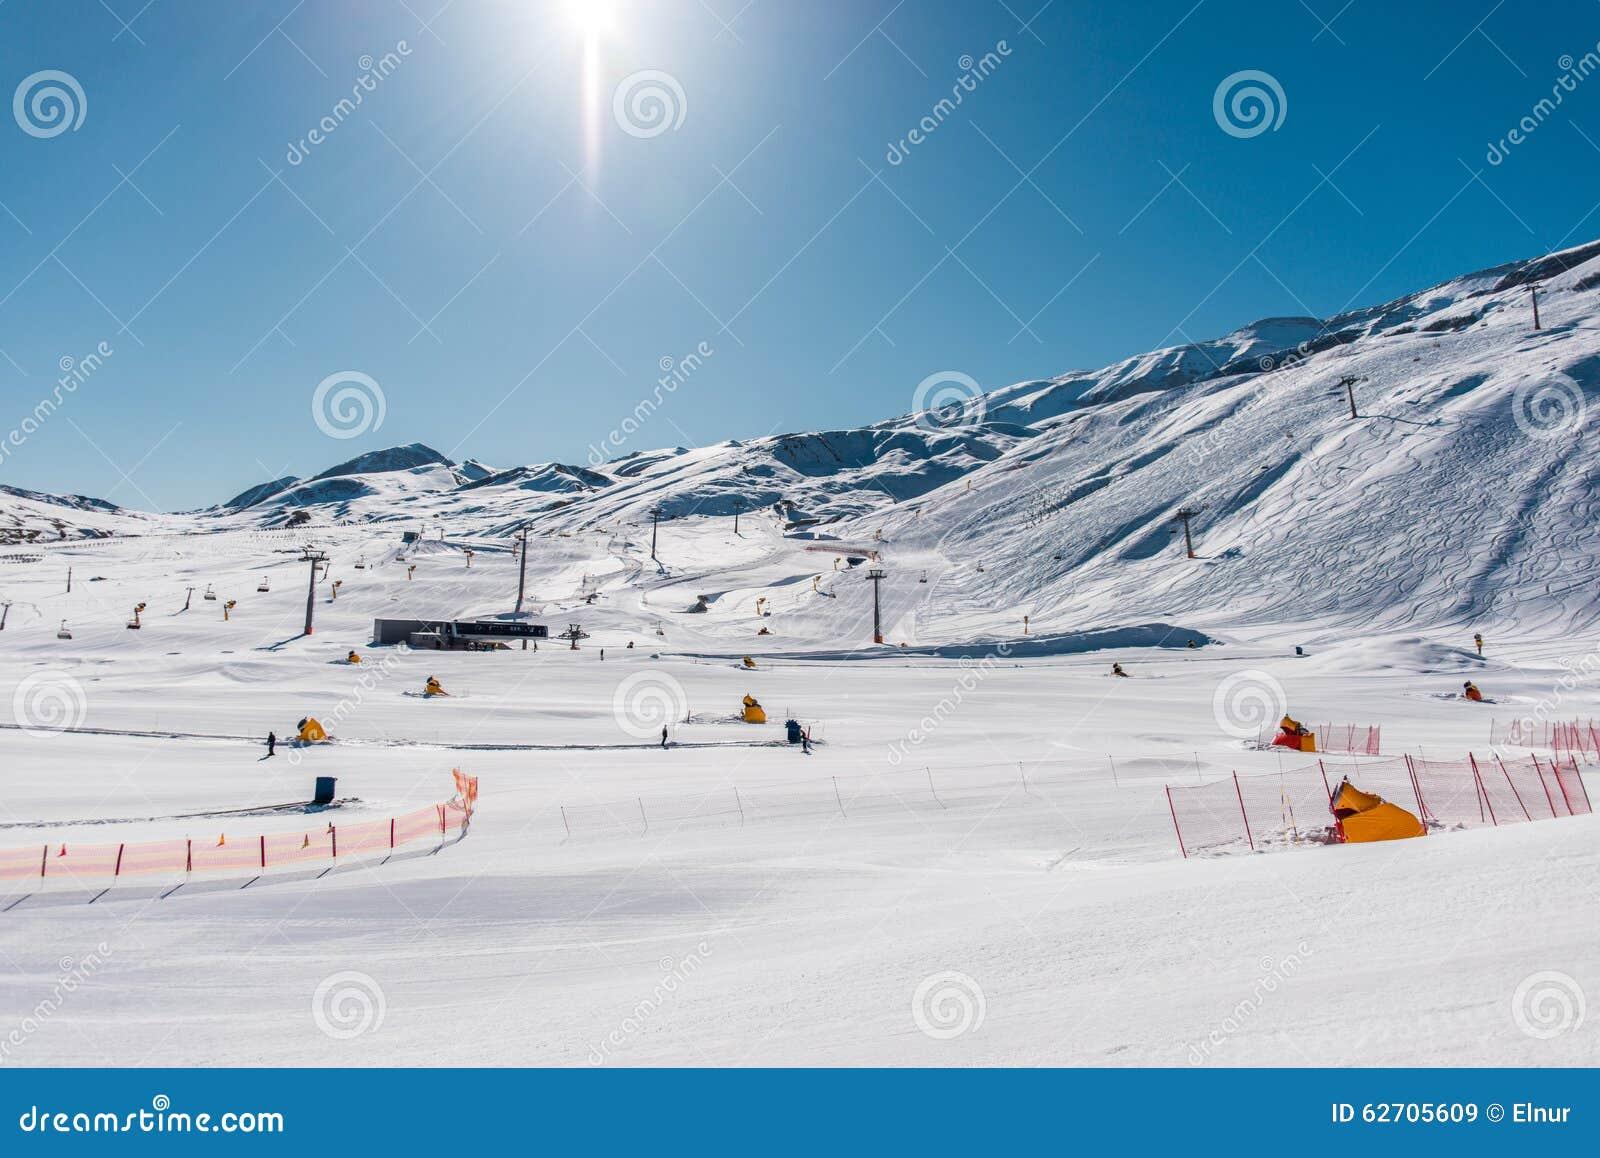 Χειμερινά βουνά στην περιοχή Gusar του Αζερμπαϊτζάν